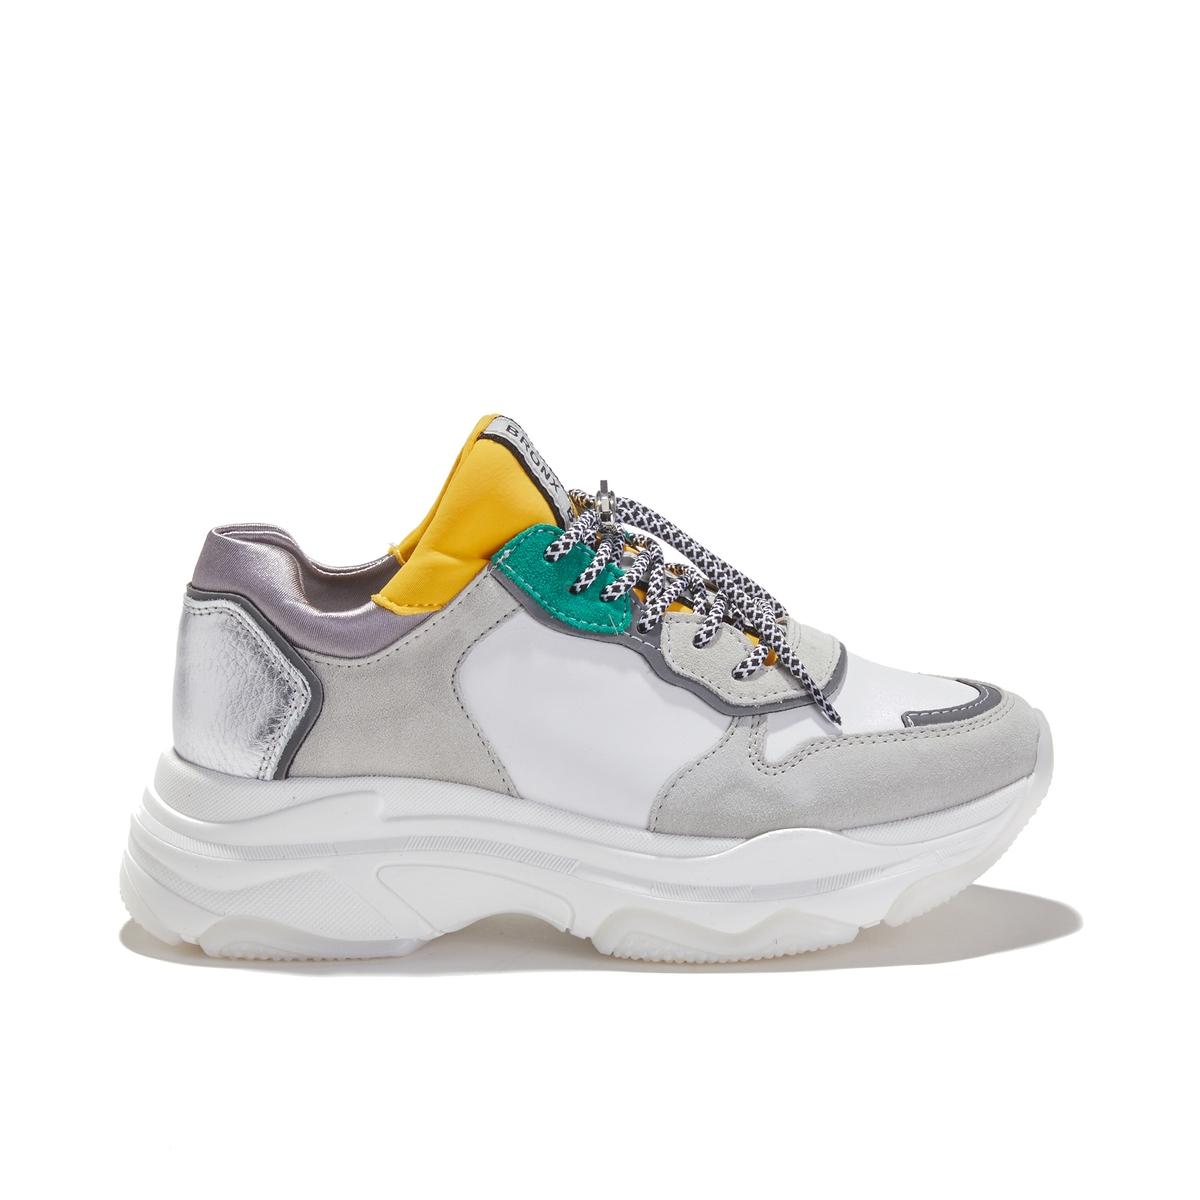 Кеды La Redoute На шнуровке BAISLEY 38 белый ботинки la redoute на шнуровке 38 белый